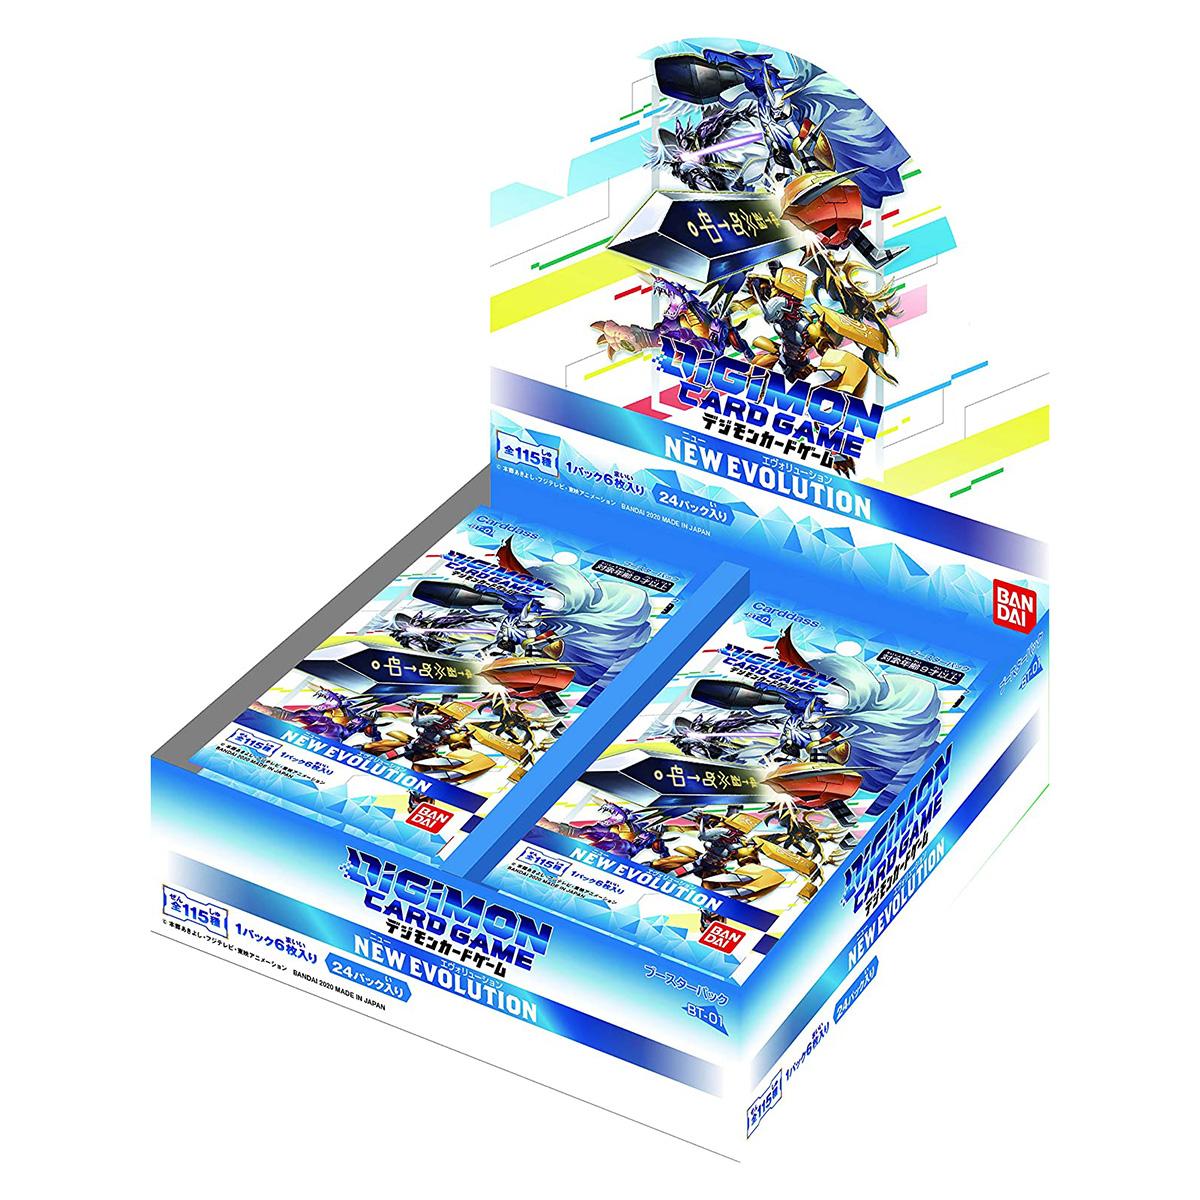 デジモンカードゲーム『ブースターver.1.0 NEW EVOLUTION』24パック入りBOX-001